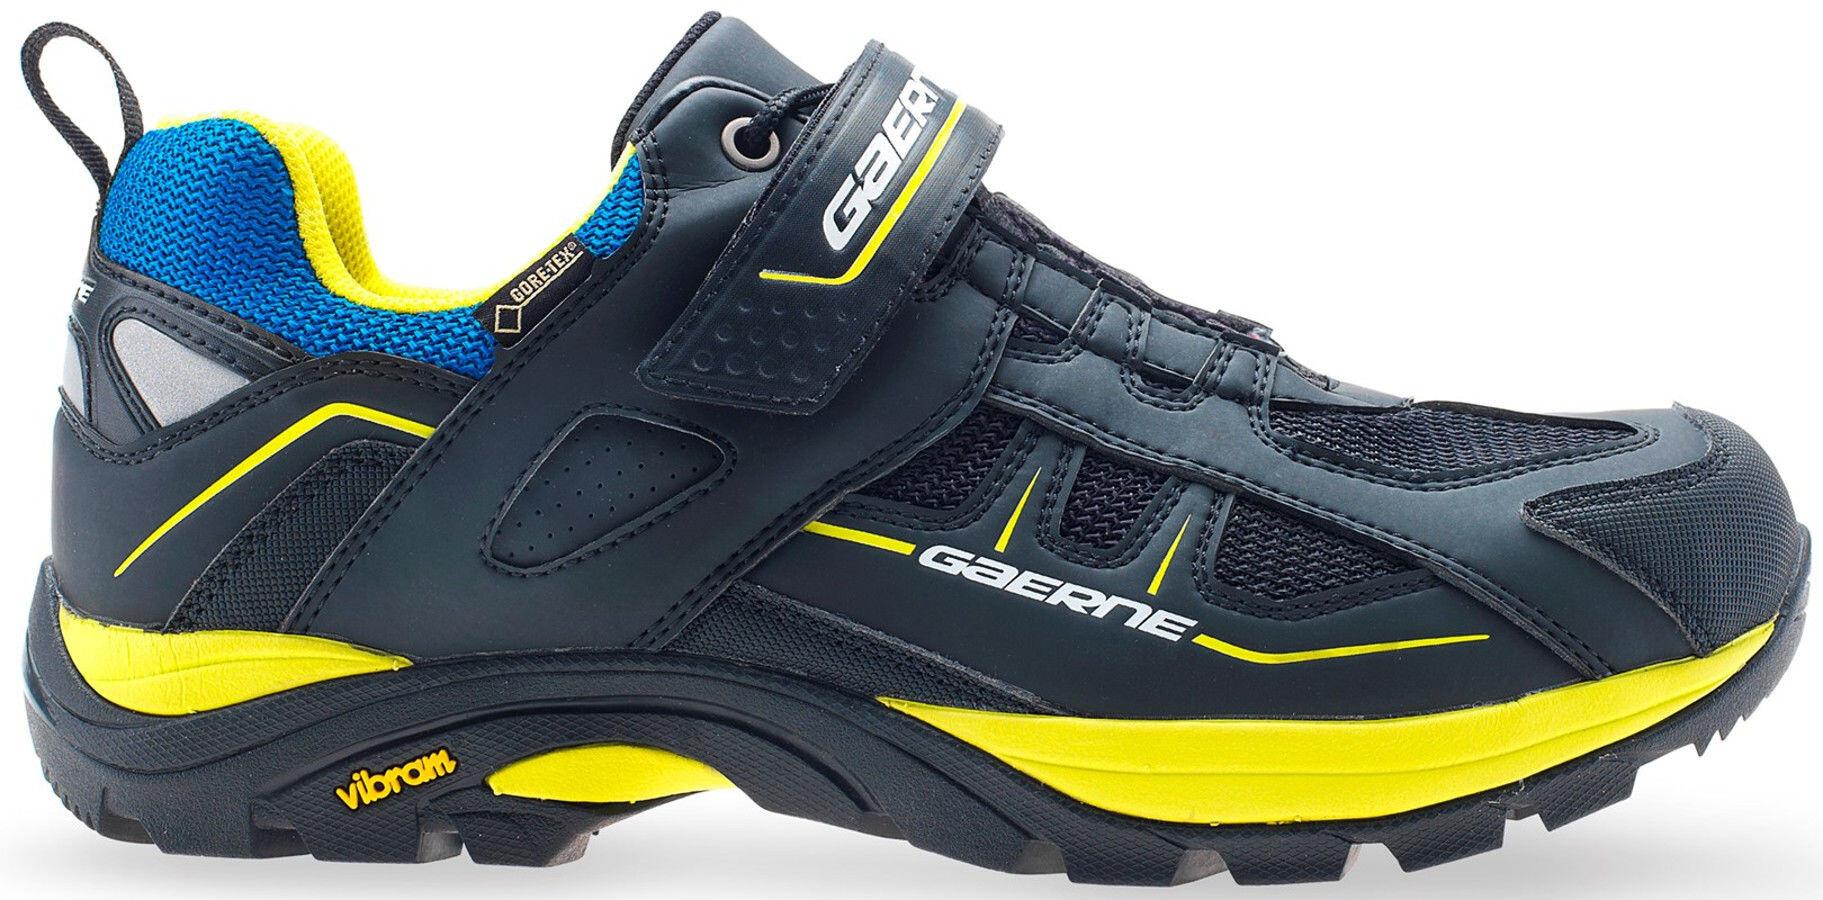 Gaerne De Gor Boutique Homme G Noir Chaussures Tex Vélos nemy wrZxwq8OB